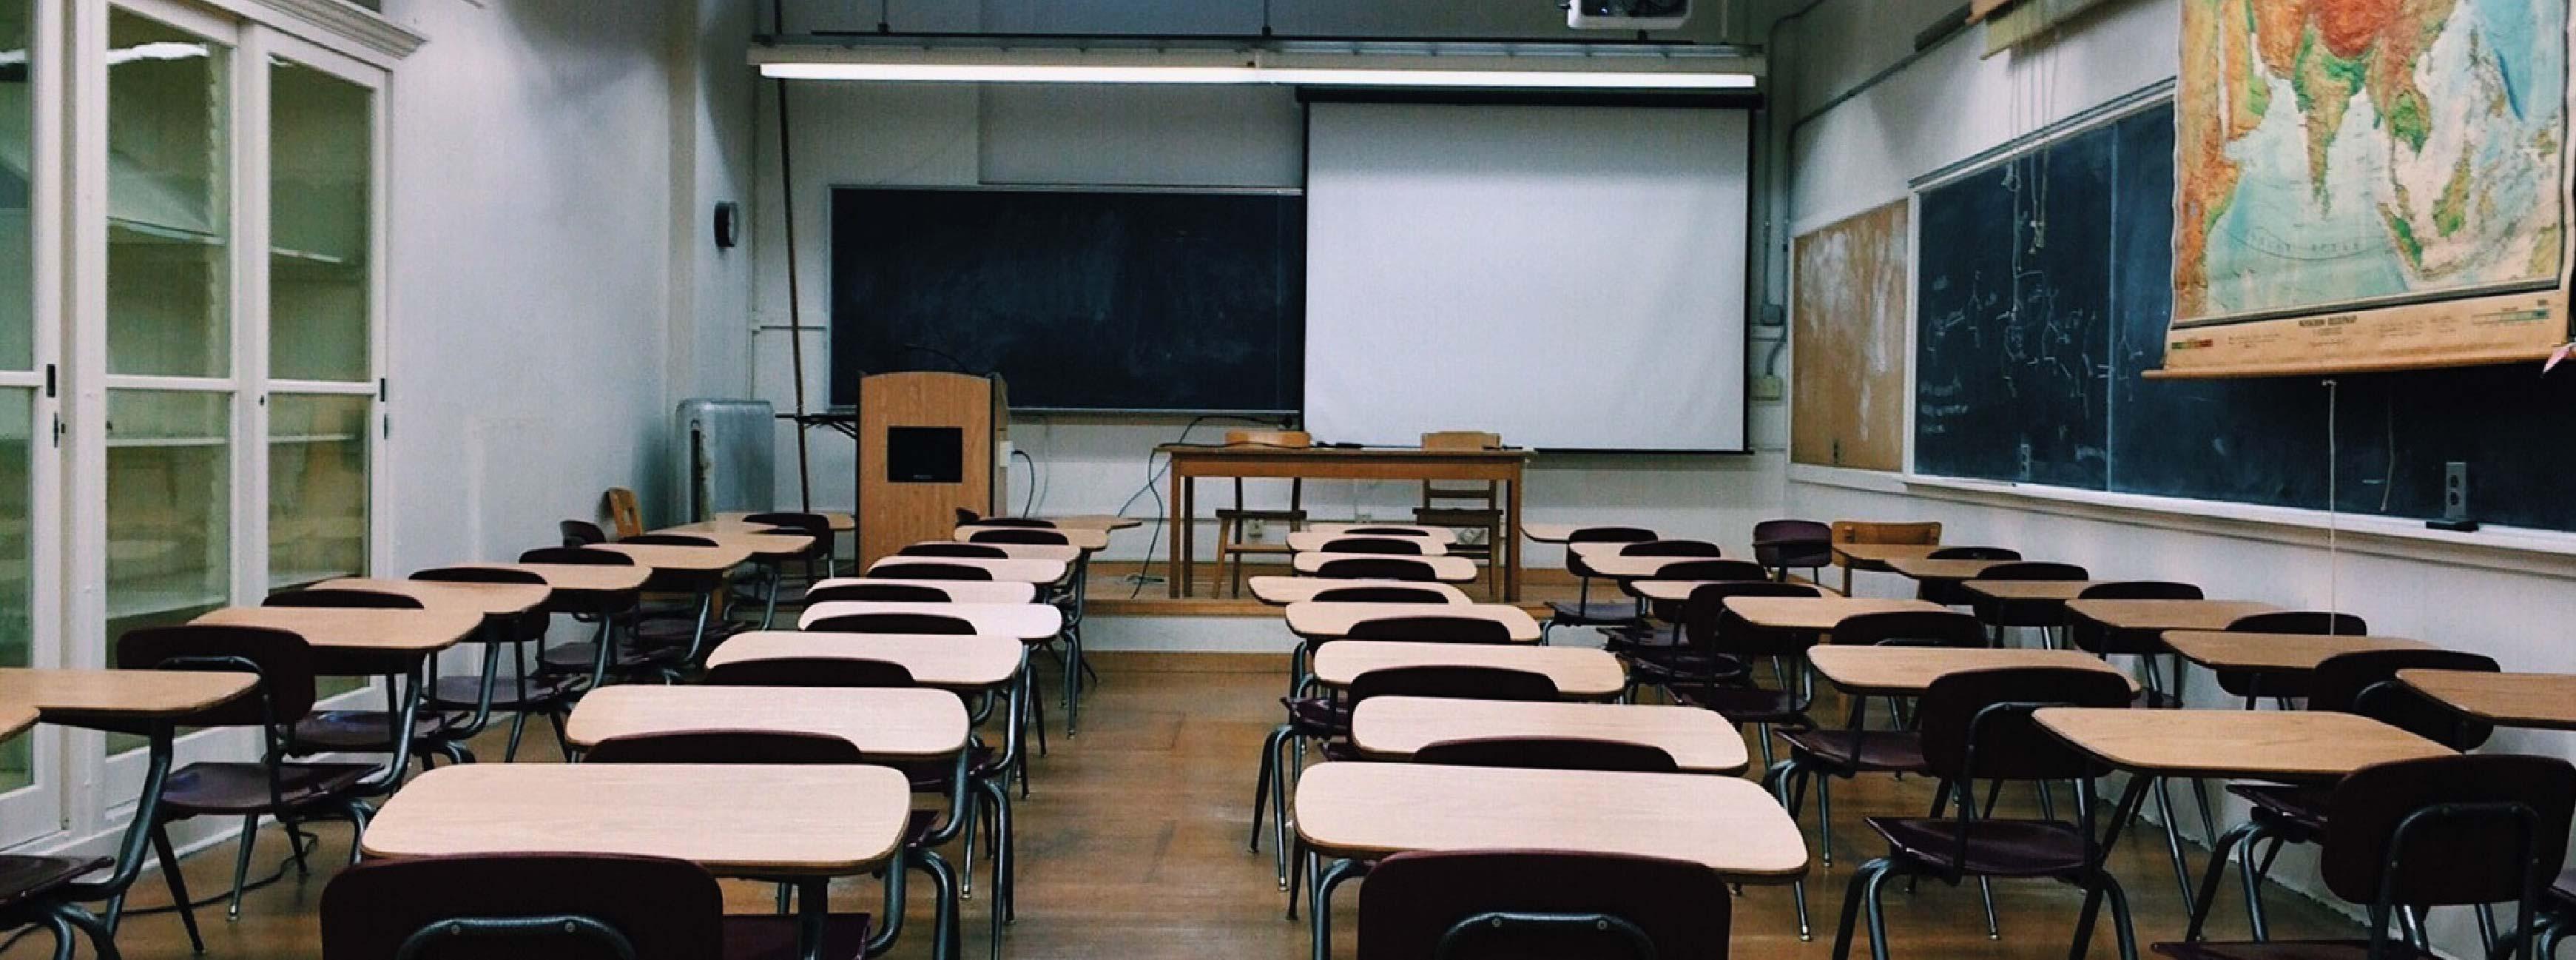 school 2-01